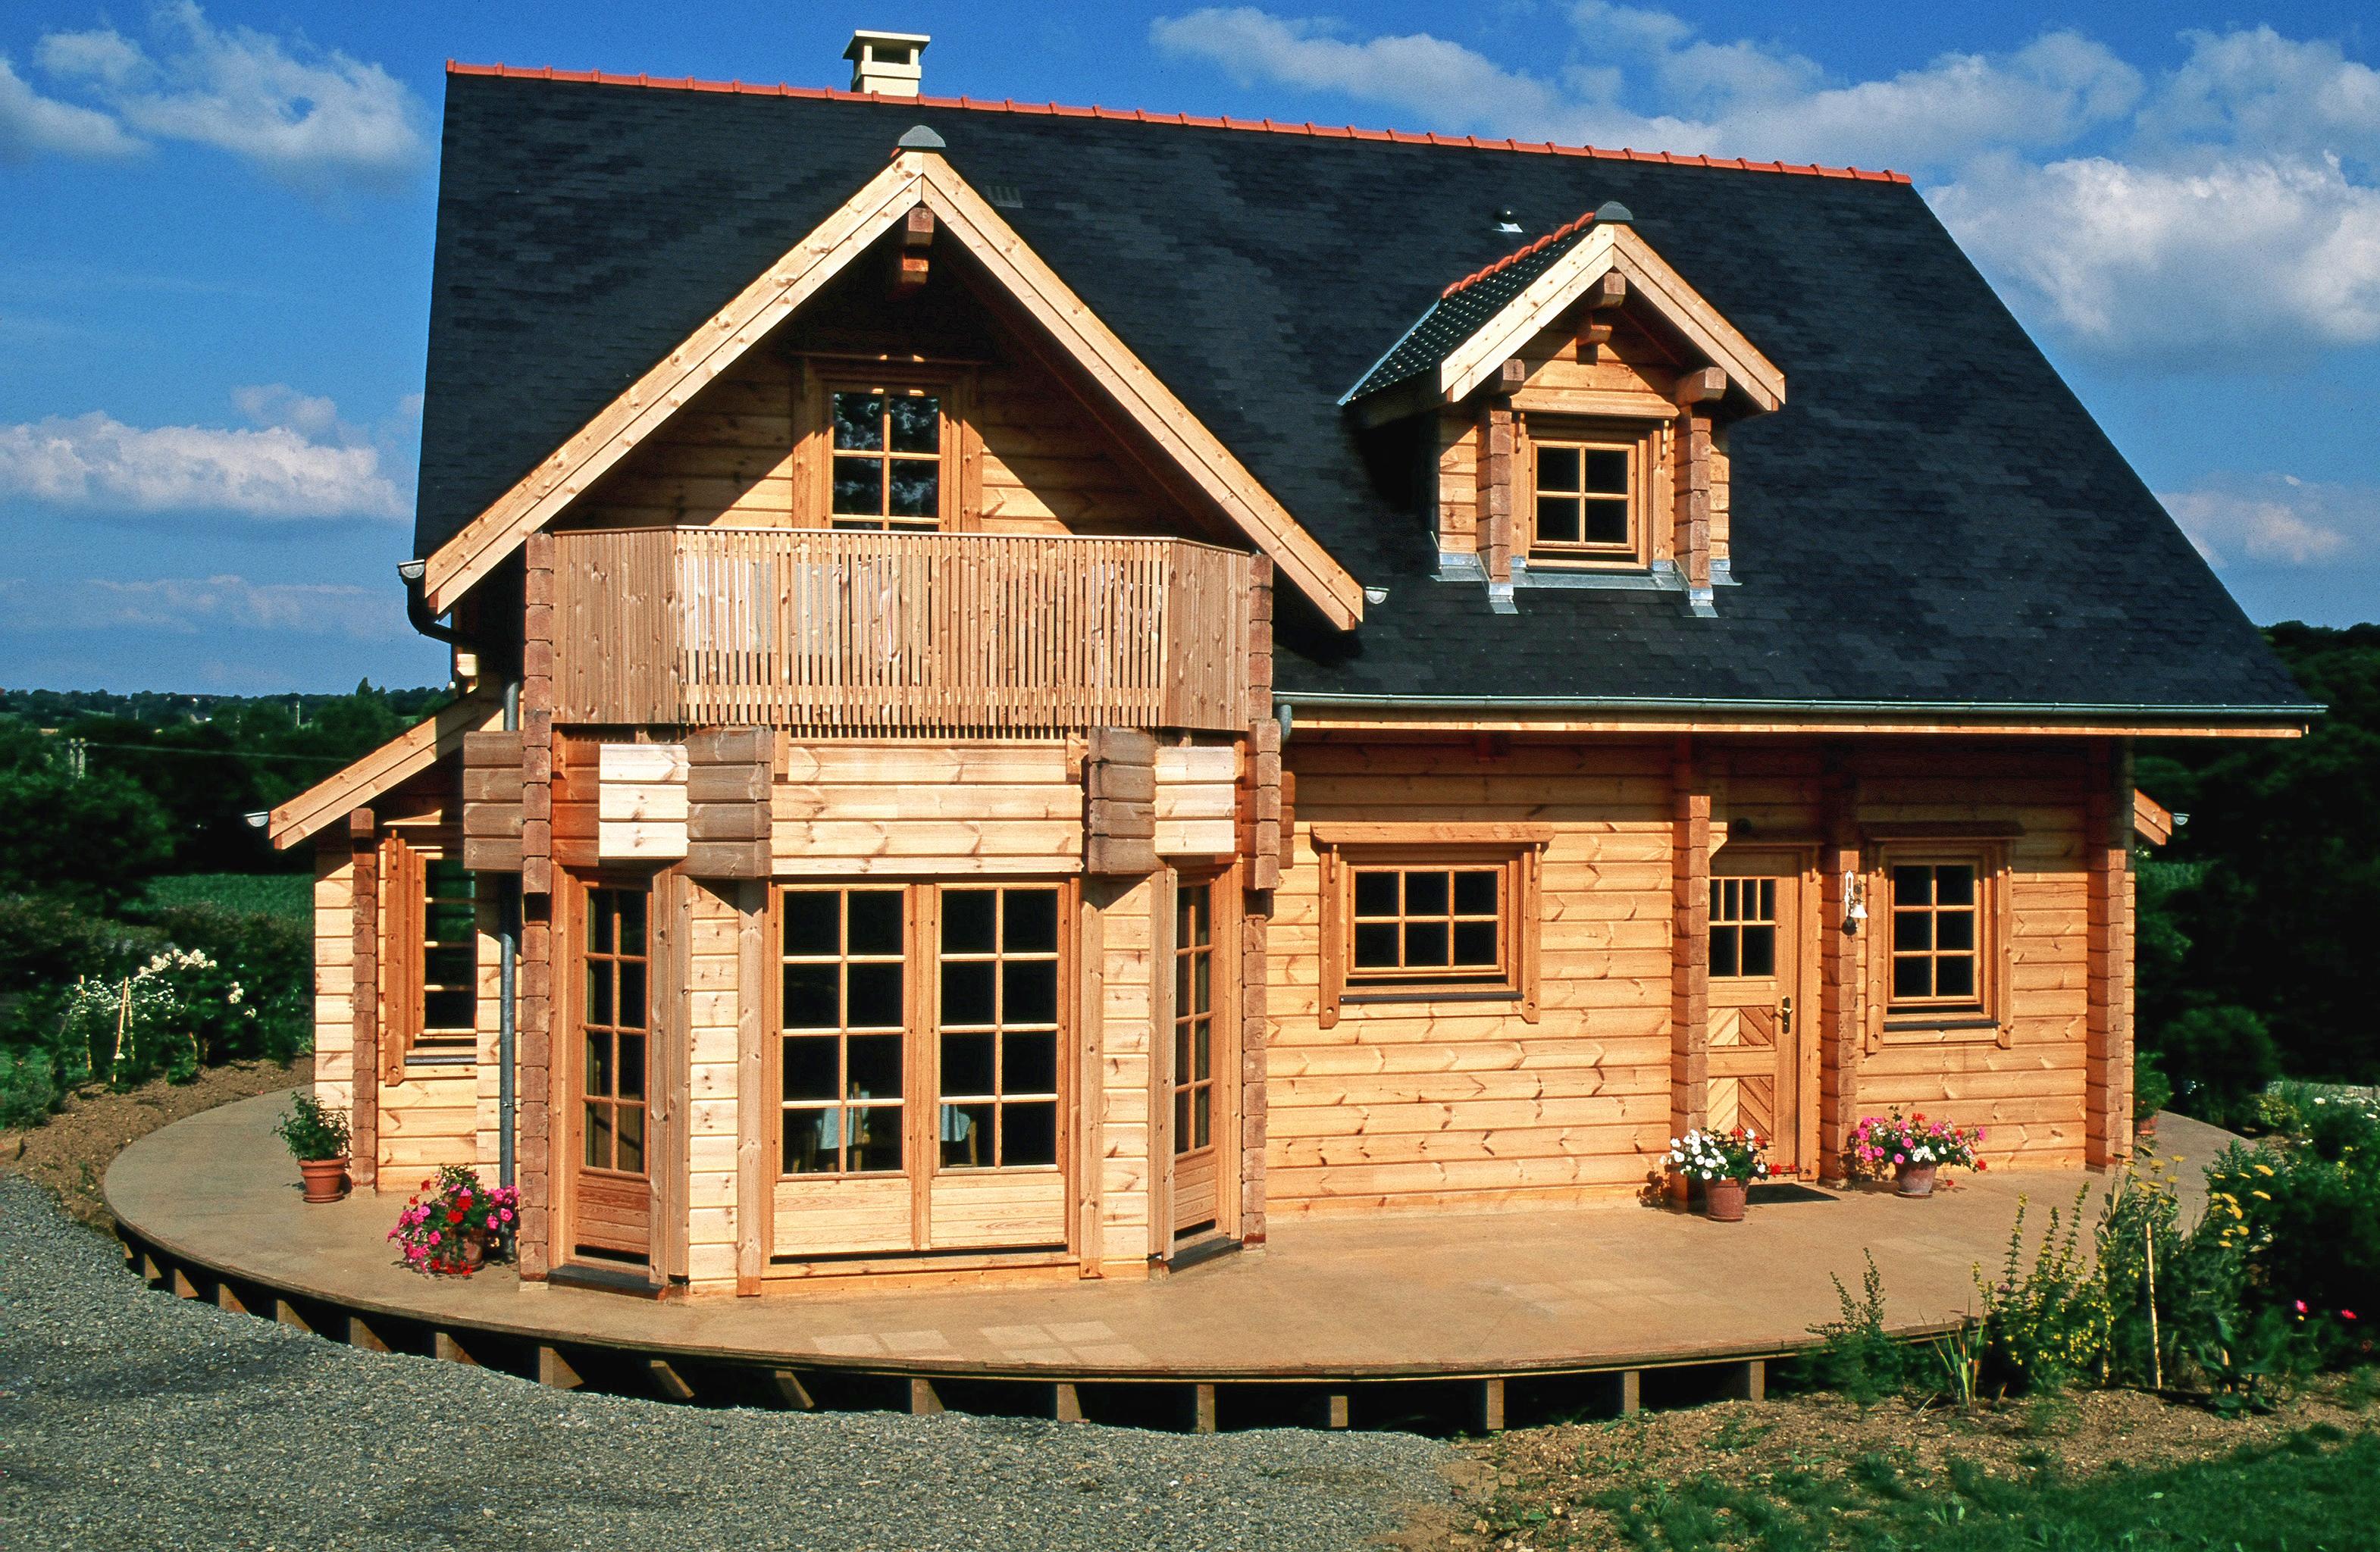 Maison en bois moins cher les minimaisons phnomne for Aux maisons maison les chaources